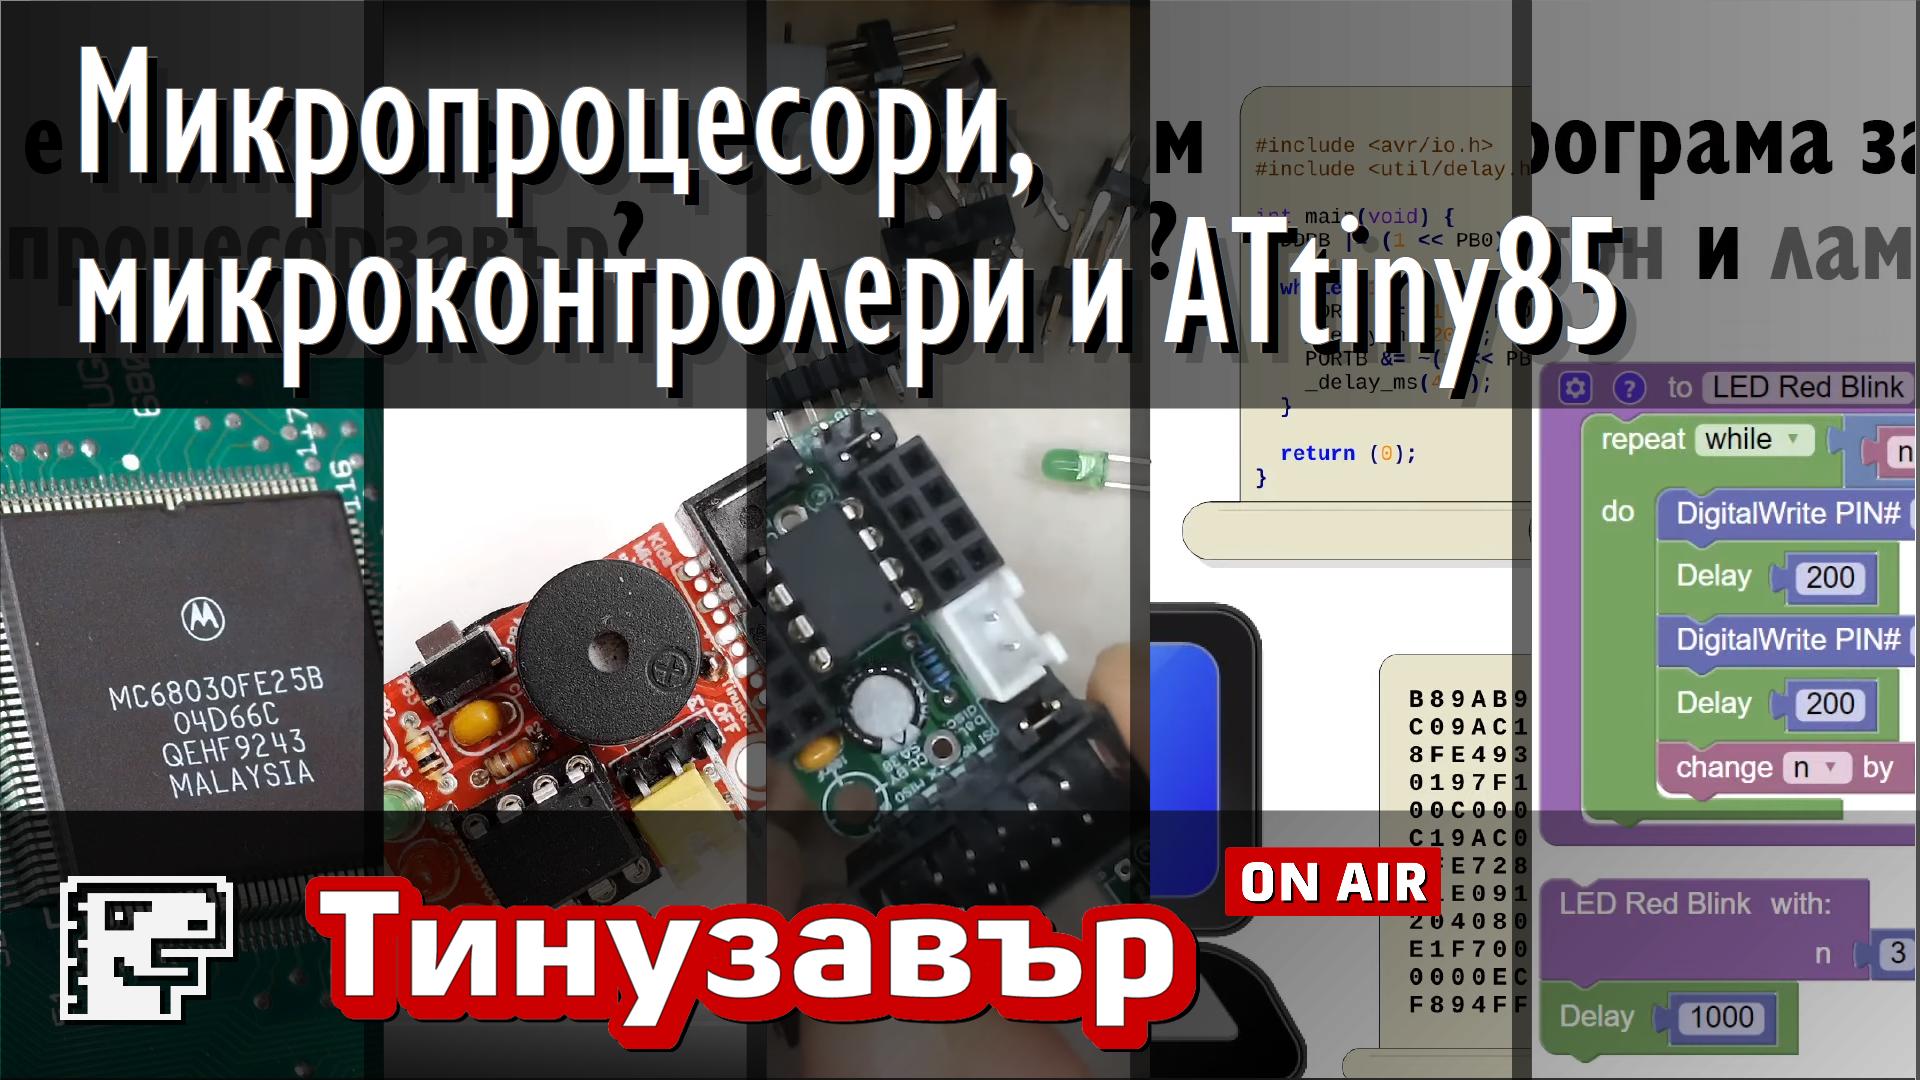 Микропроцесори, микроконтролери и как да програмираме ATtiny85